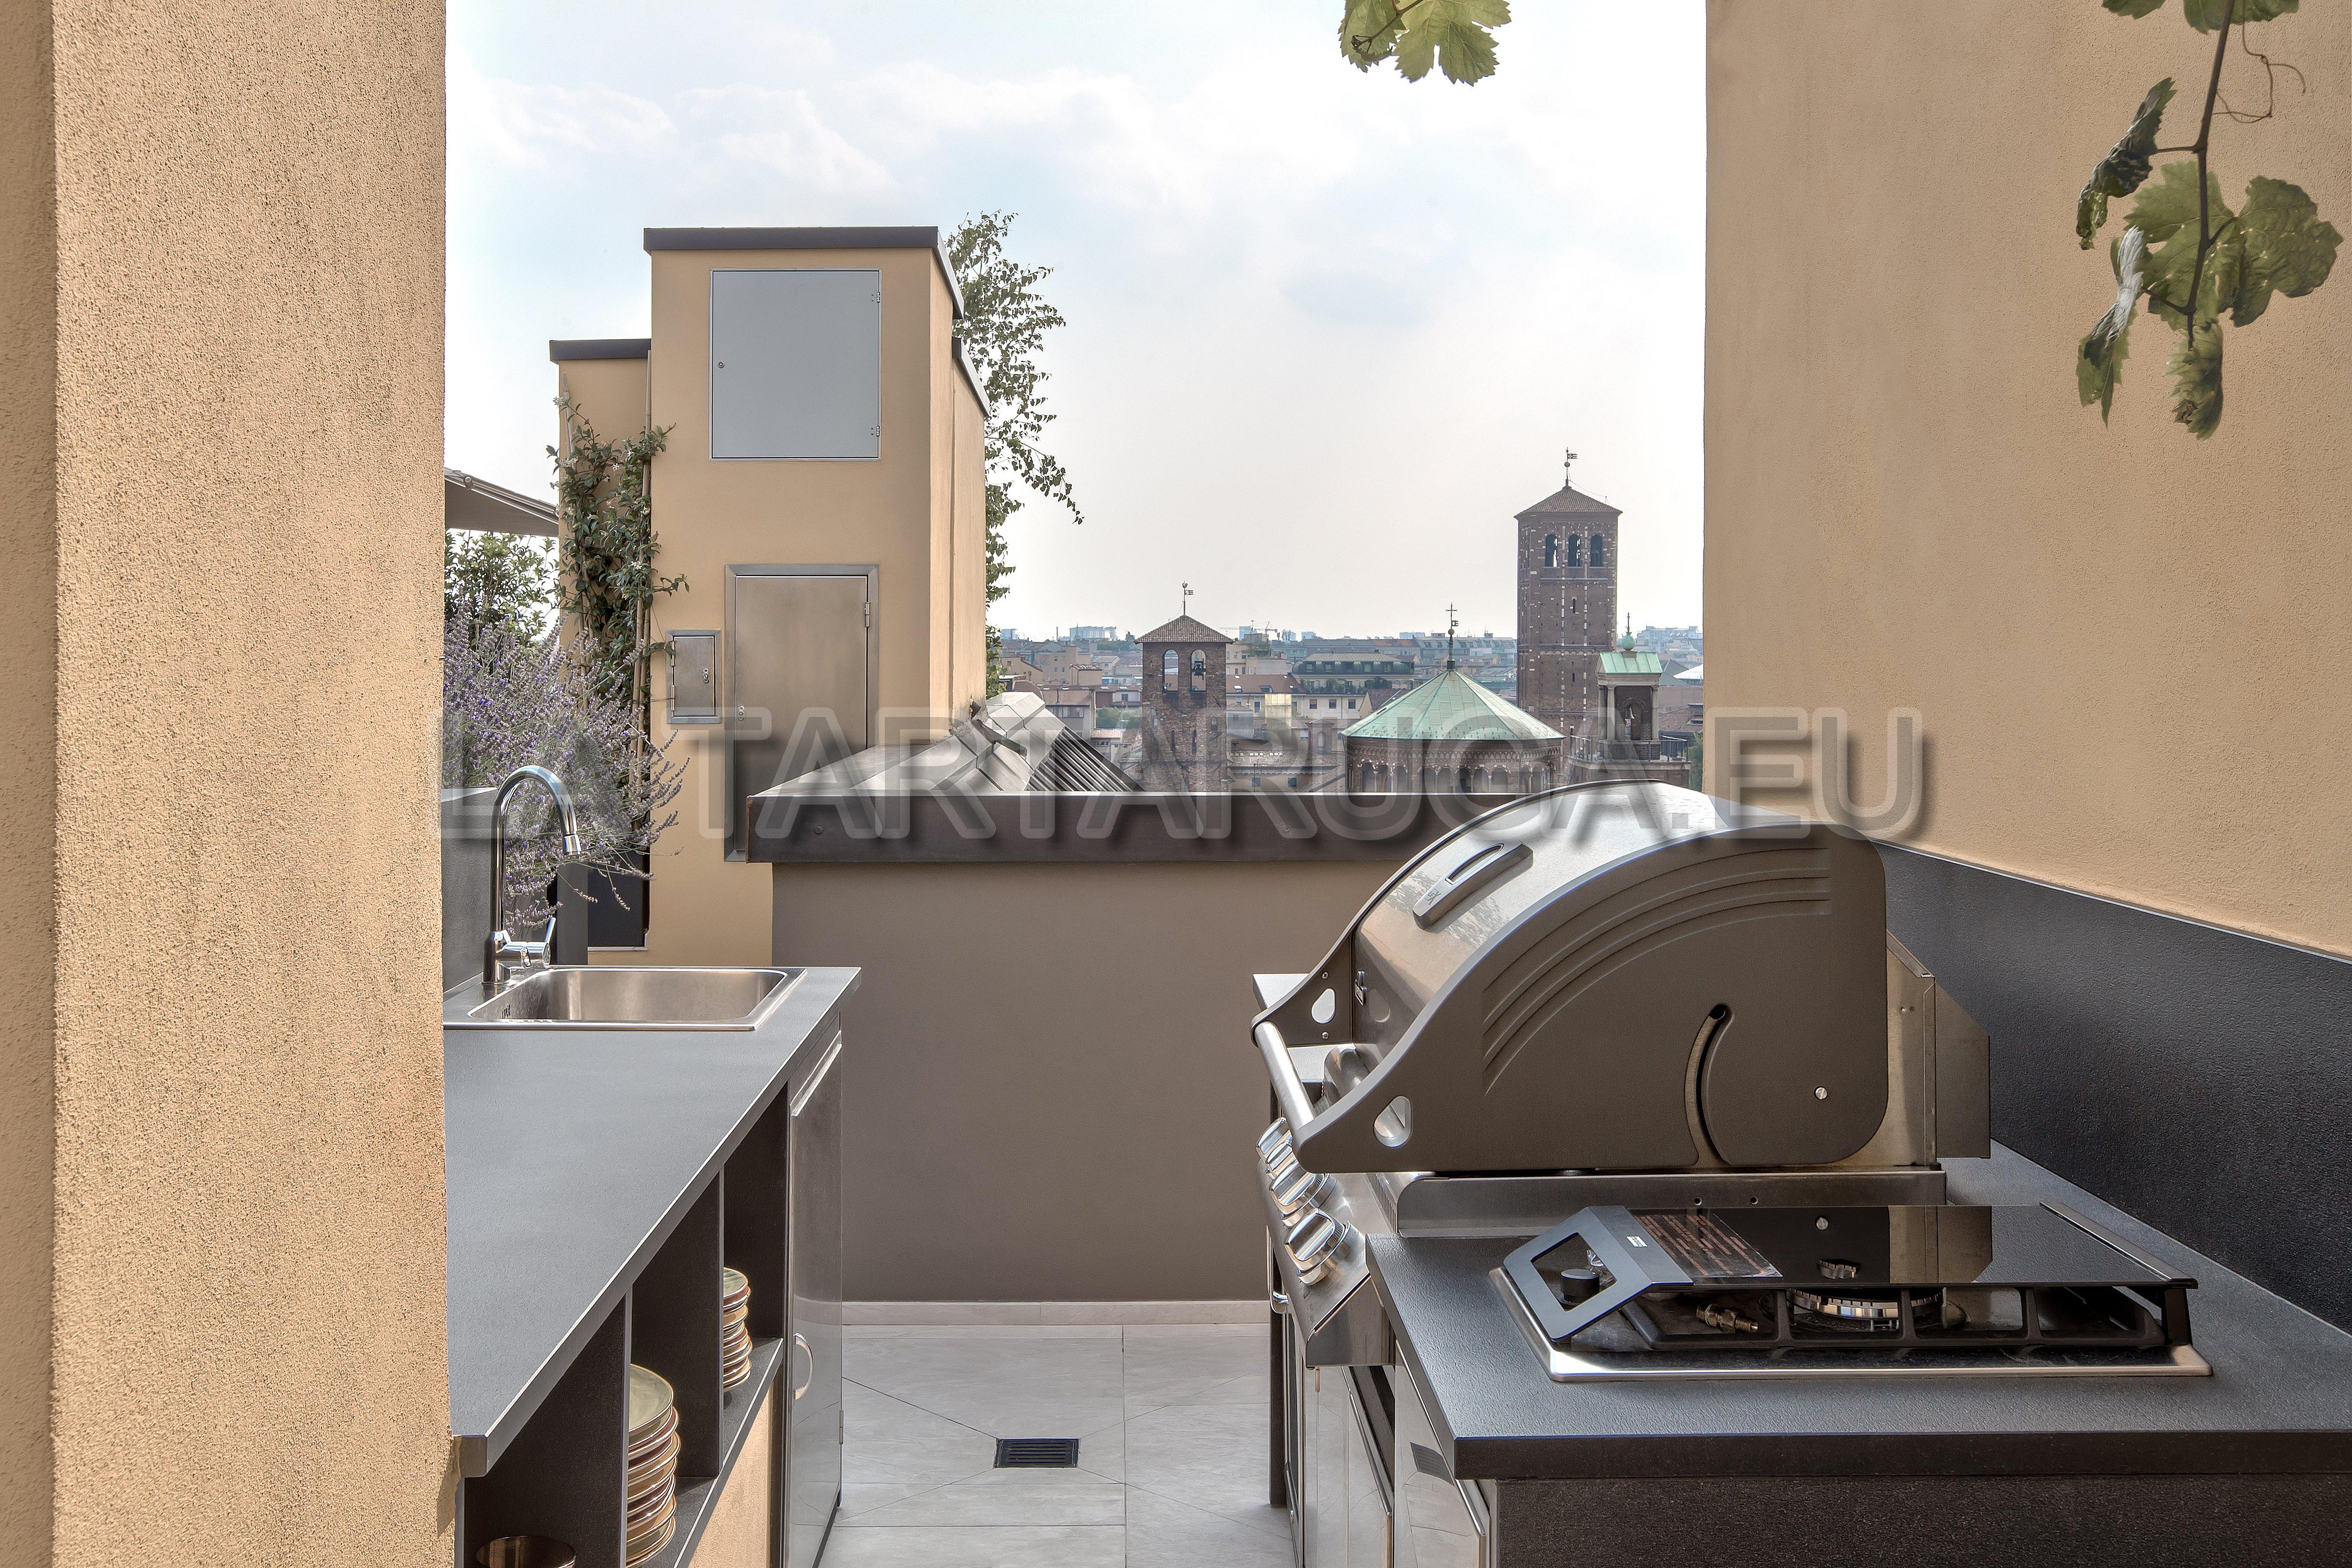 Aussenküche Mit Pizzaofen : Maßgeschneiderte backstein grillküche für den außenbereich